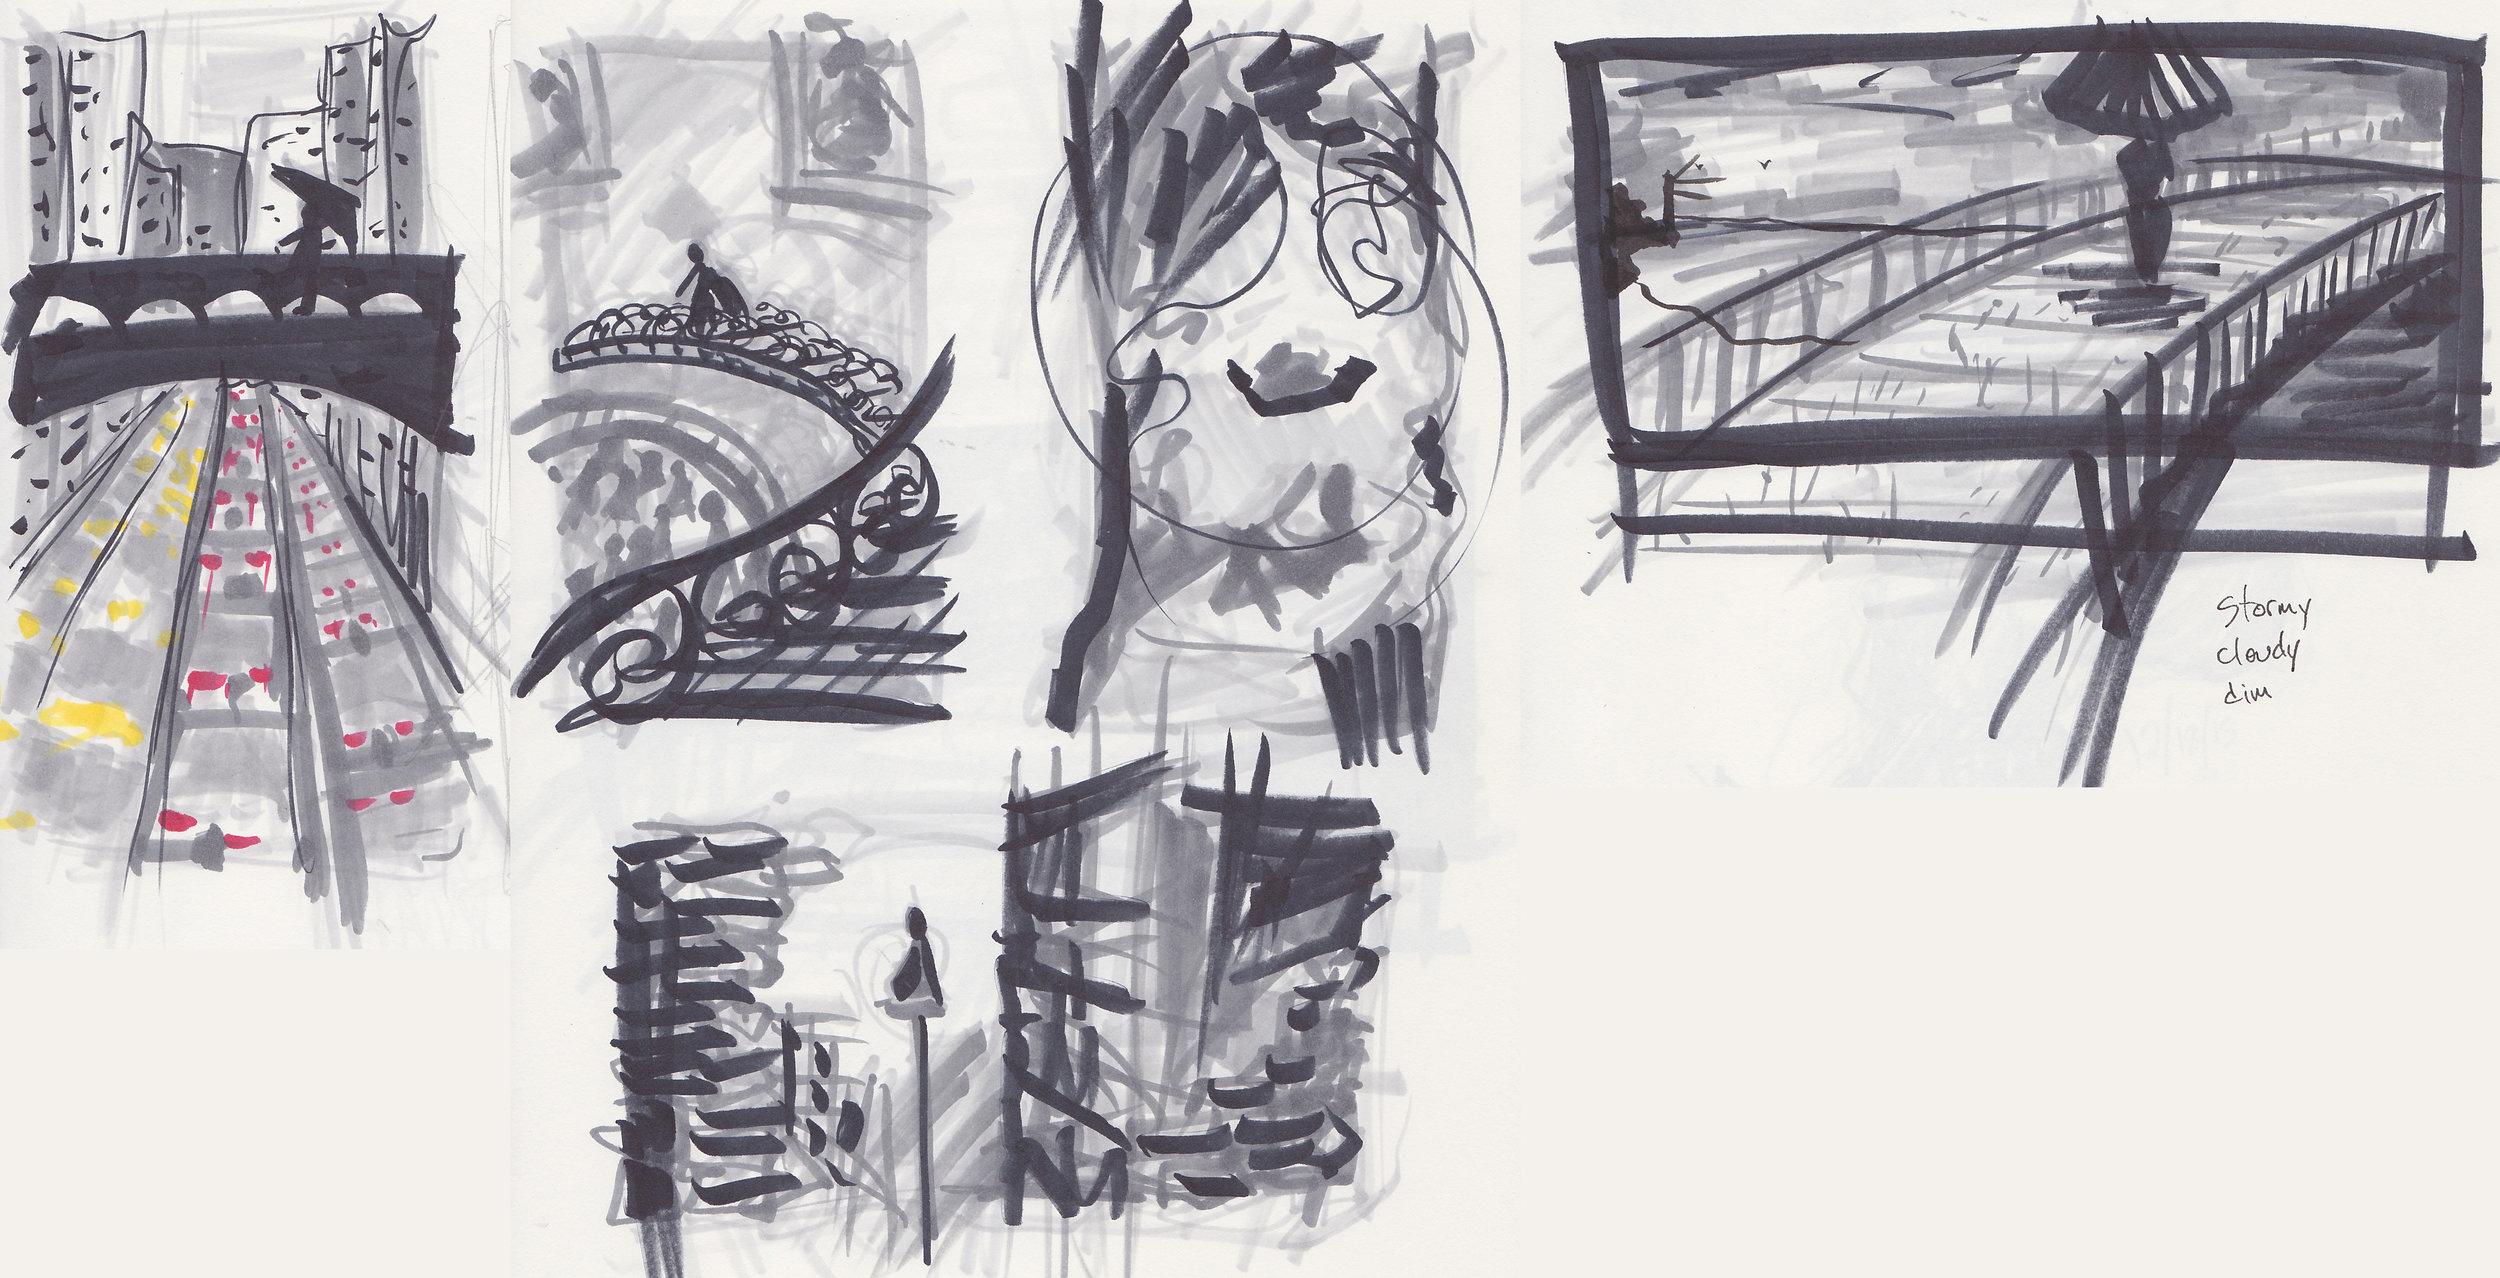 sketch_thumbs01.jpg